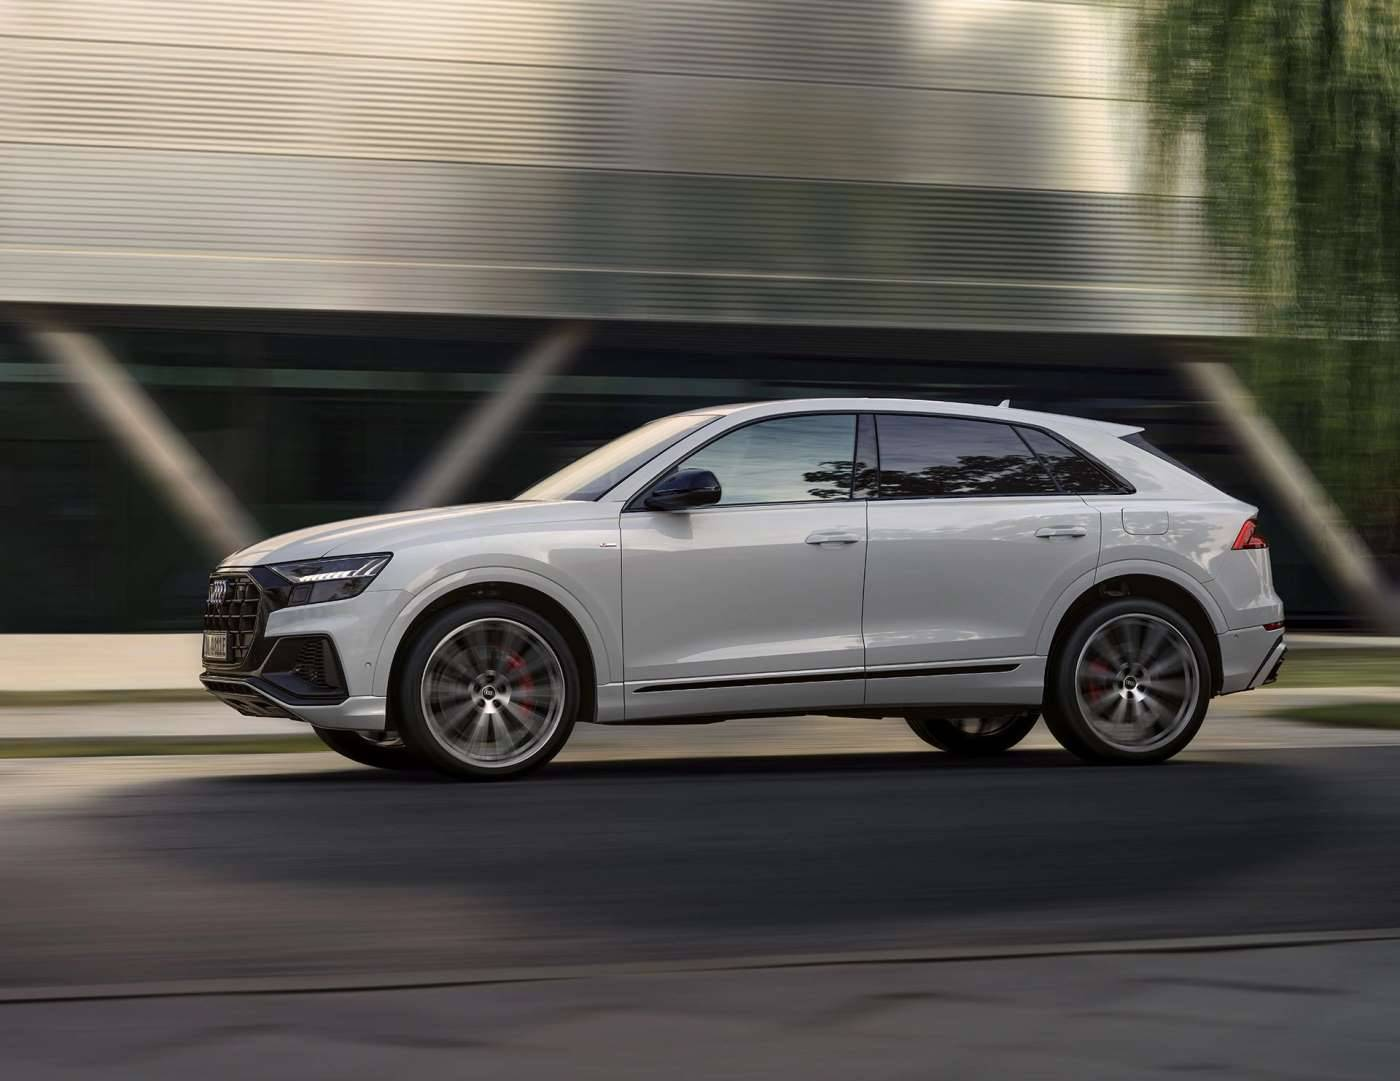 Audi Q8 TFSIe hybride rechargeable moteur puissanc